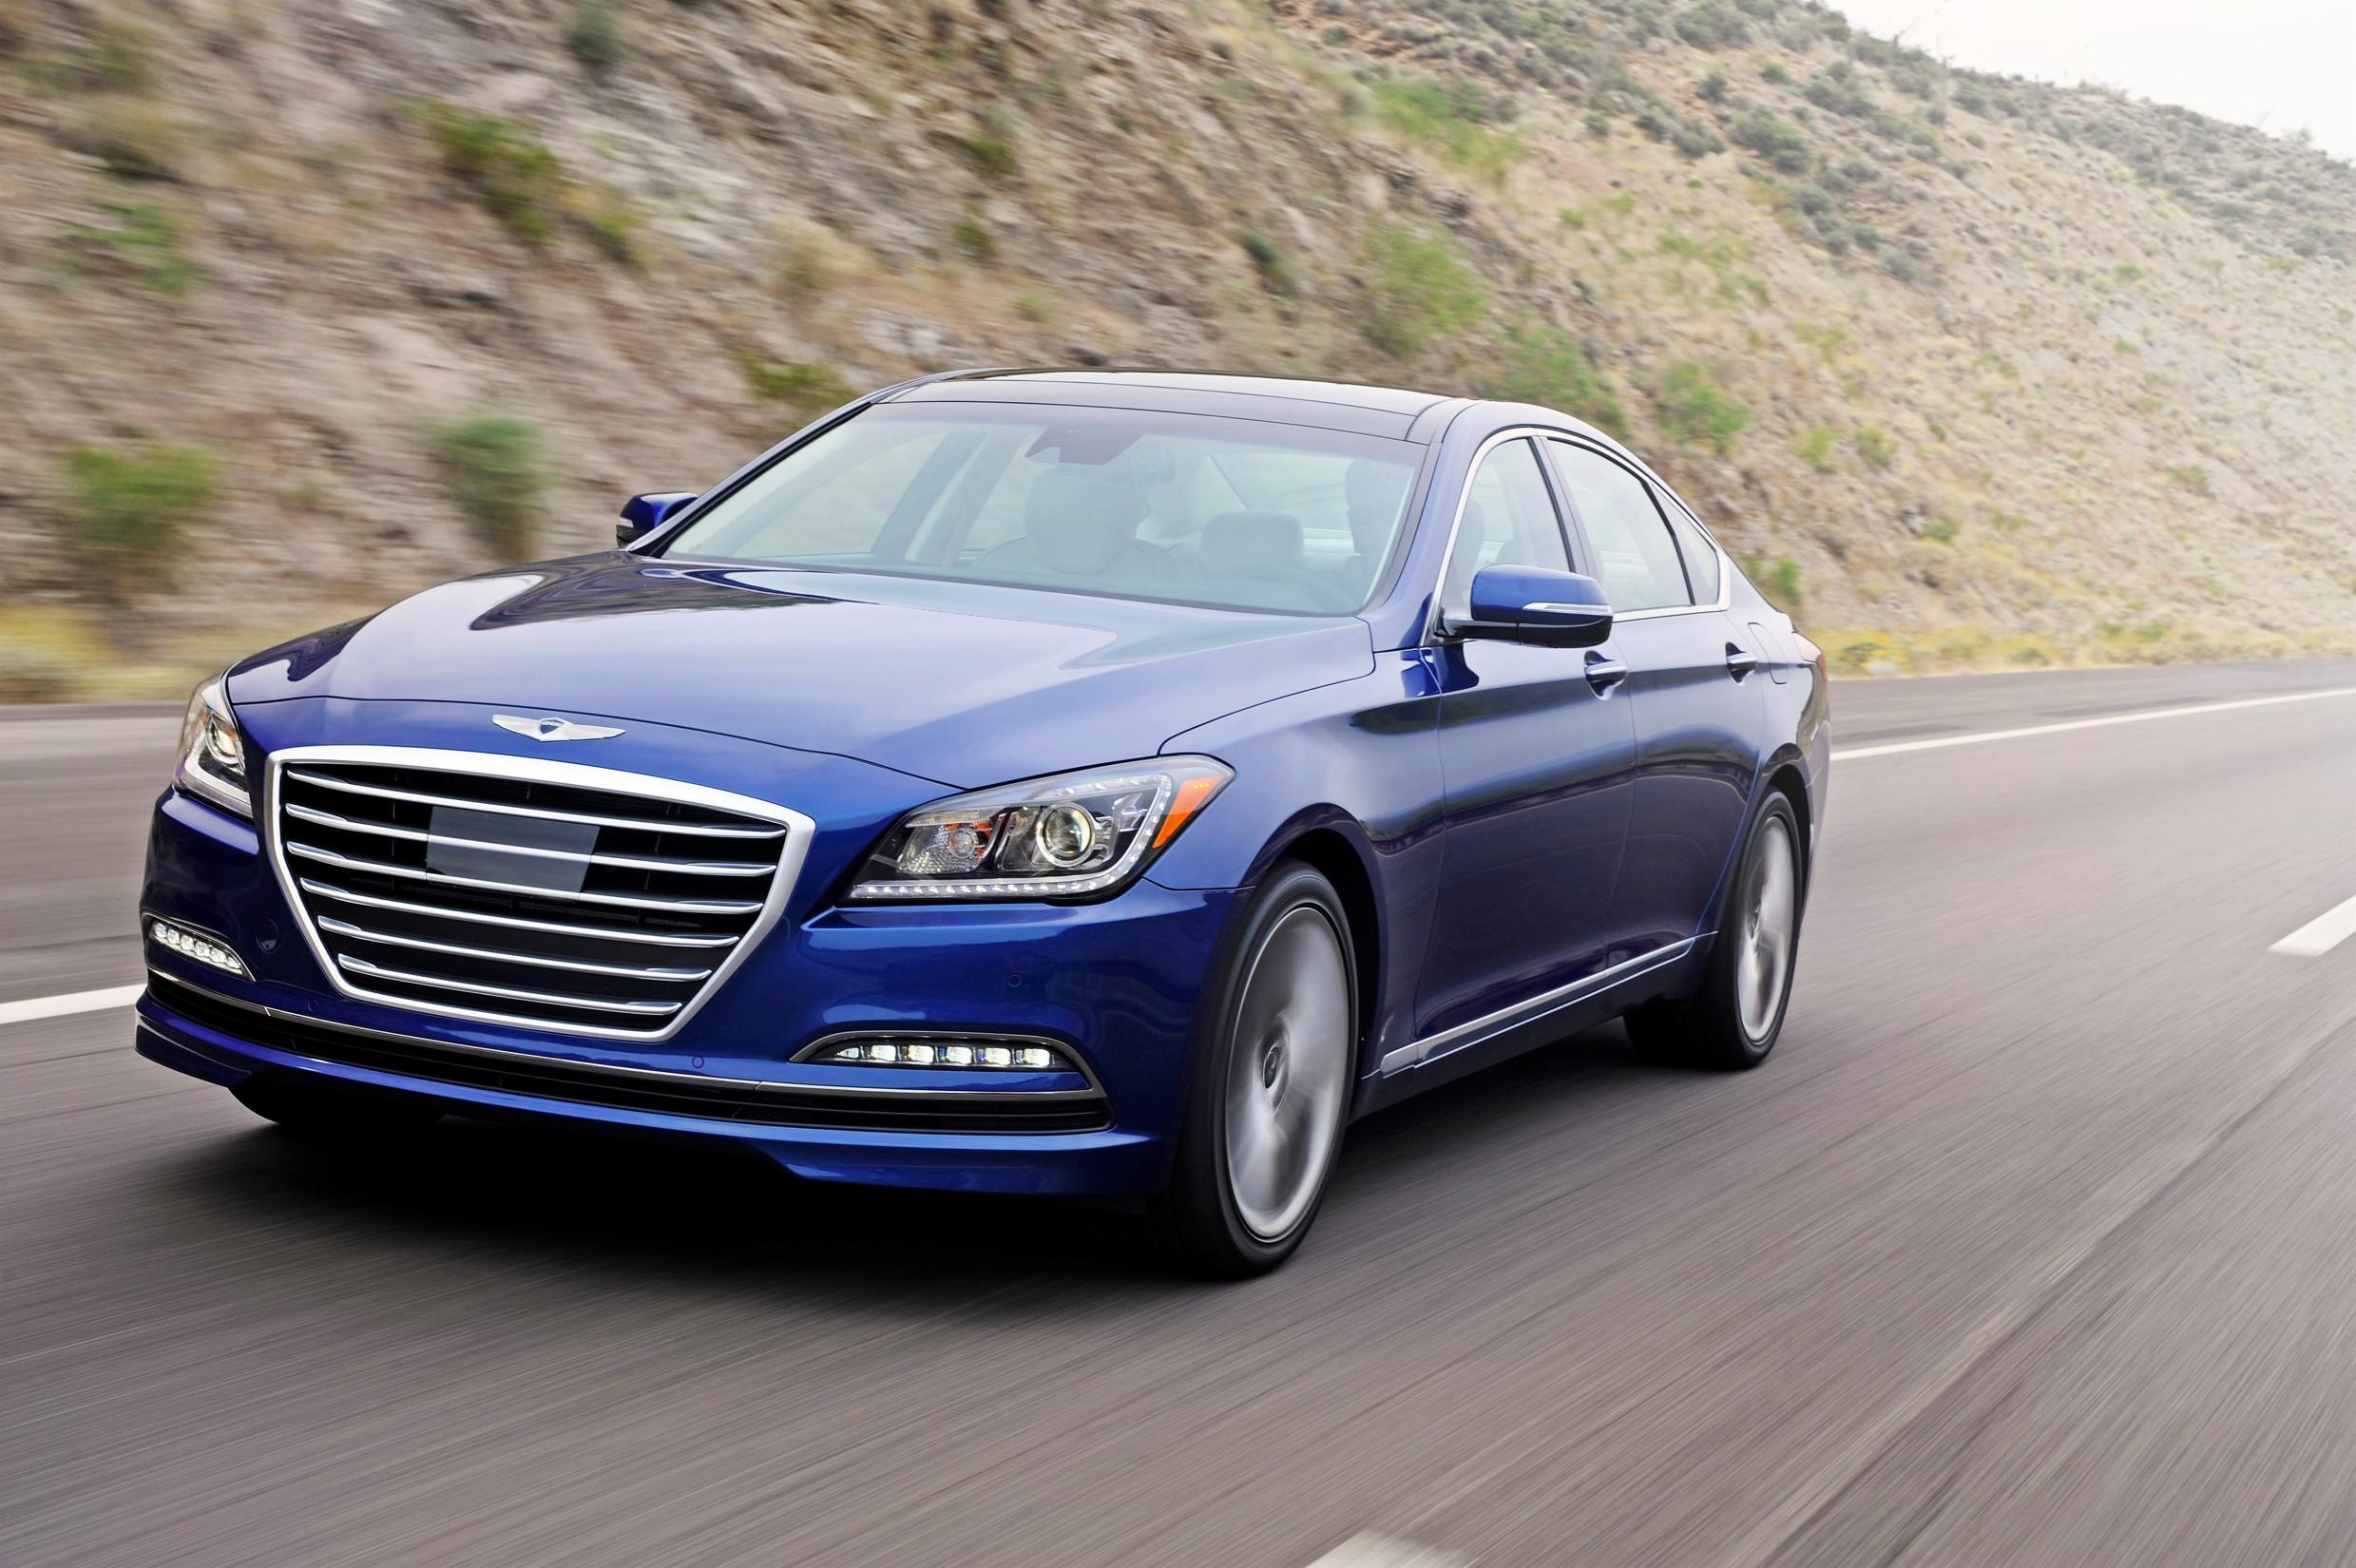 The Motoring World: USA SALES NOVEMBER - HYUNDAI - The